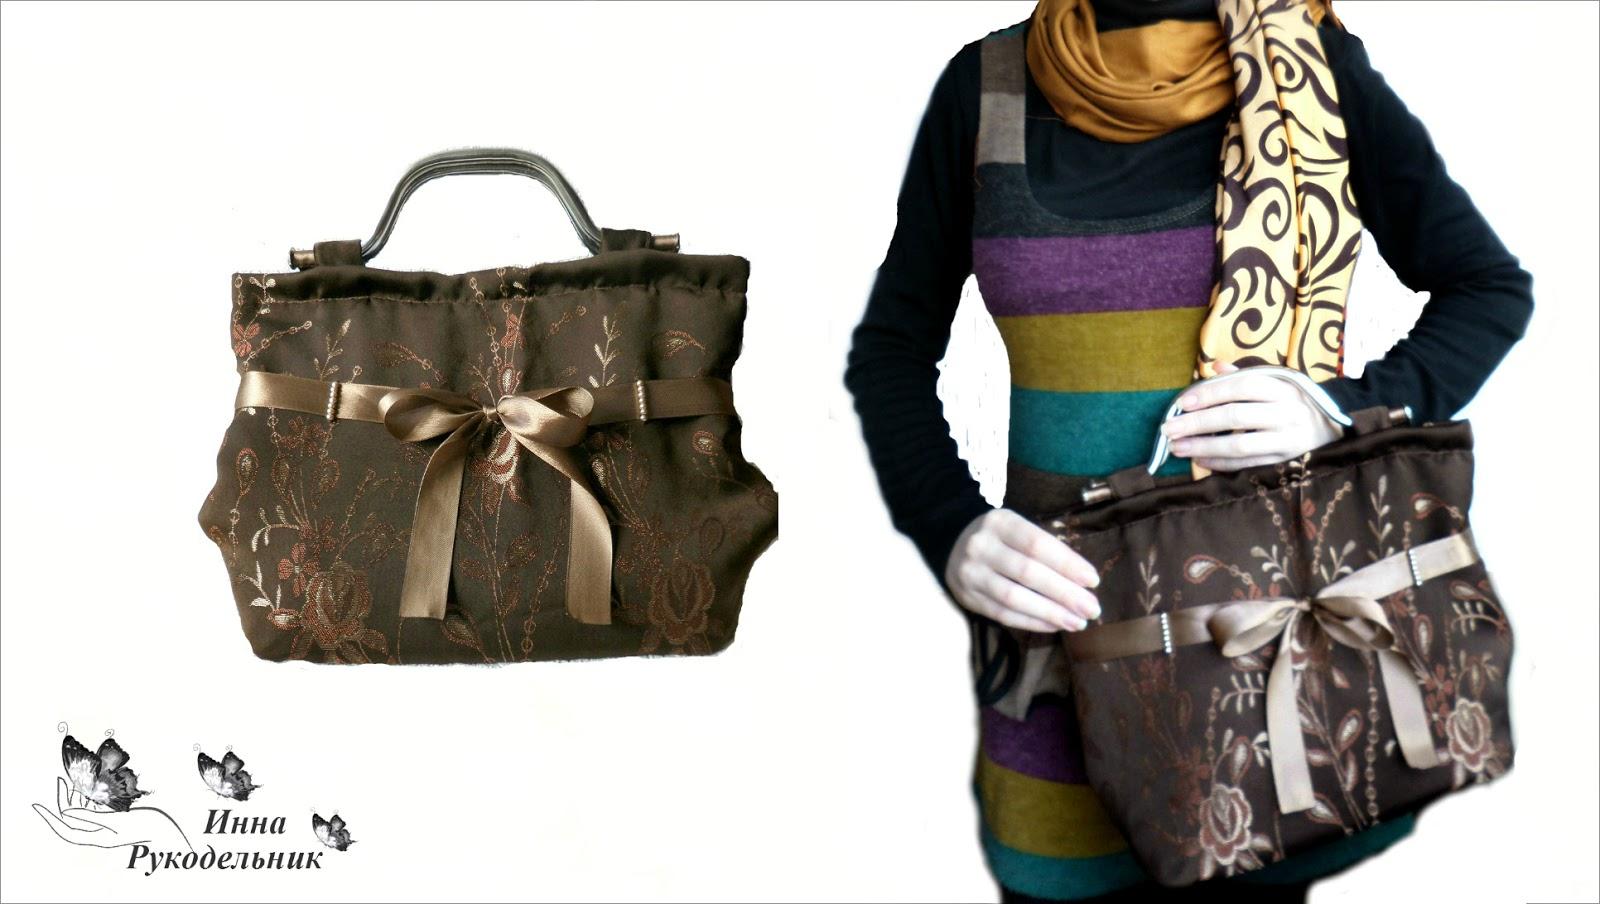 Как из сумки сделать портфель